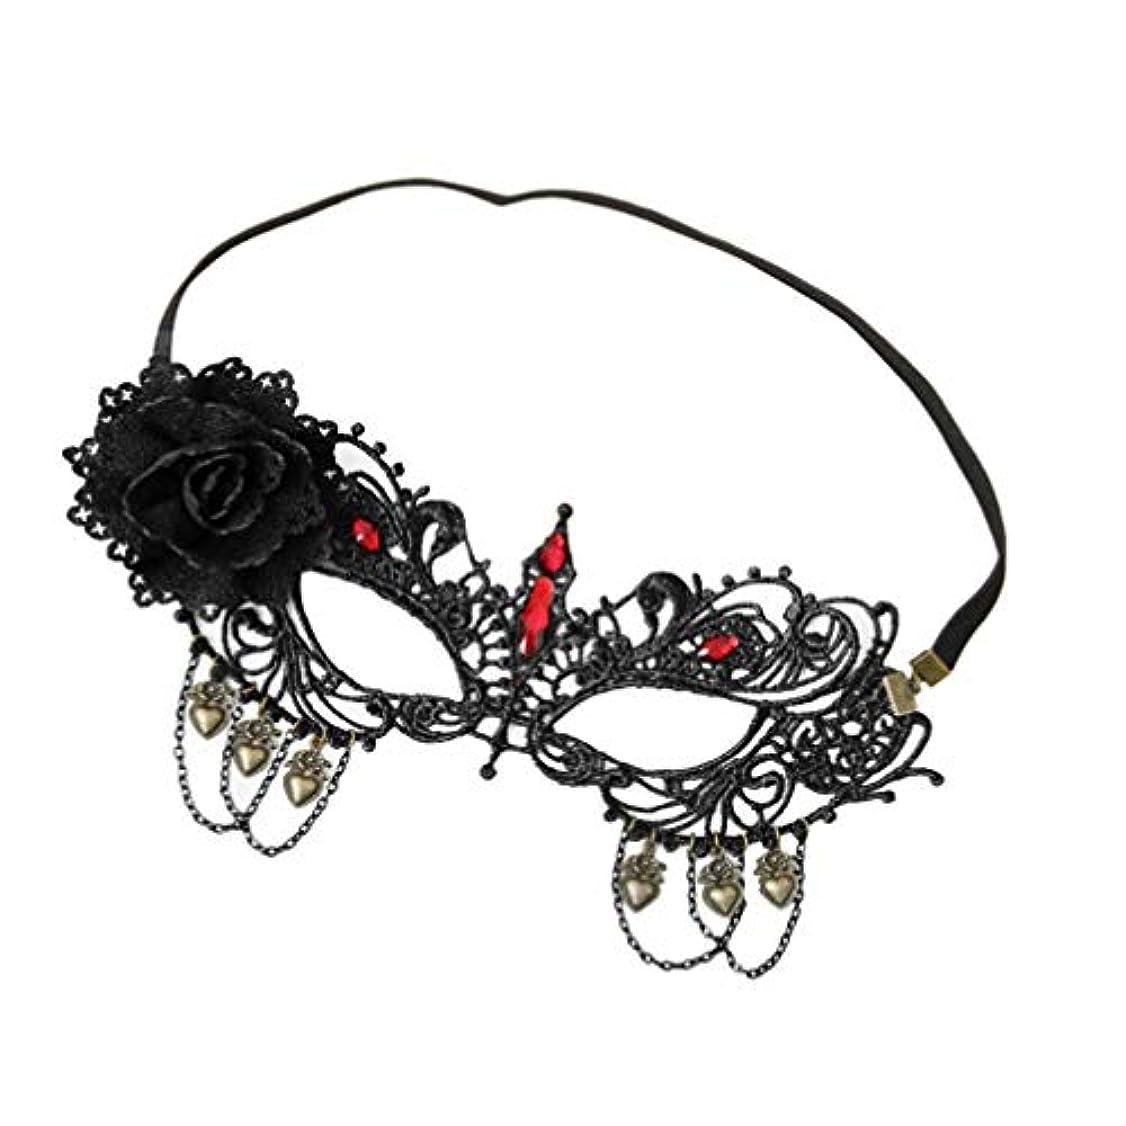 ライブ部分ジレンマSUPVOX ラインストーン付きレースハーフフェイスマスクマスカレードパーティー仮装衣装ハロウィンのための花の調節可能なカットアウト